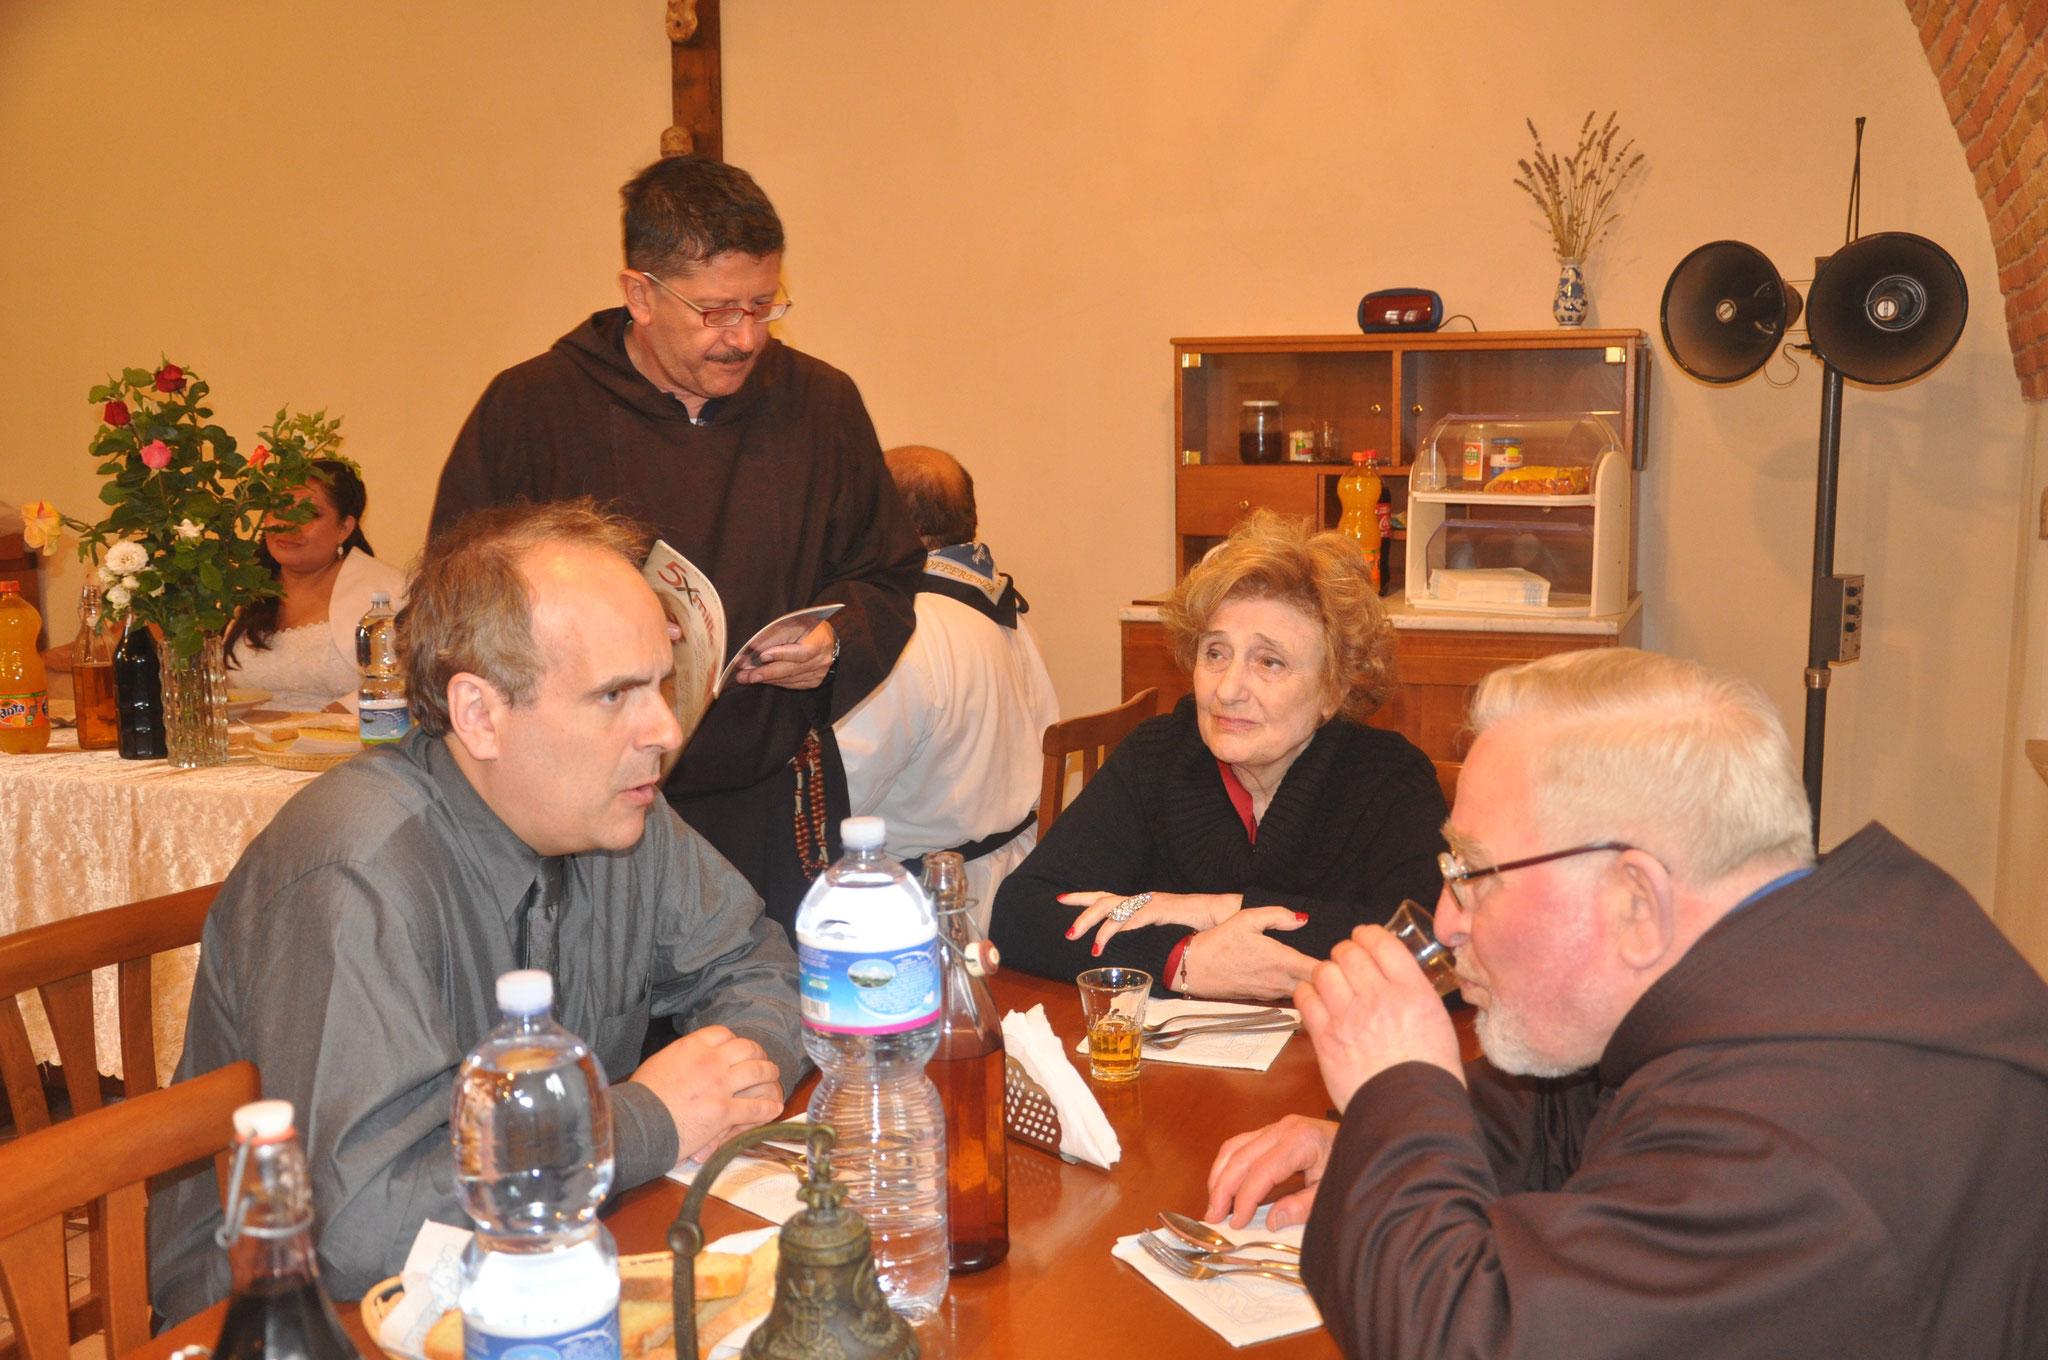 Compartiendo el almuerzo con los Frailes Capuchinos Menores, en el Convento de Serracapriola, Puglia